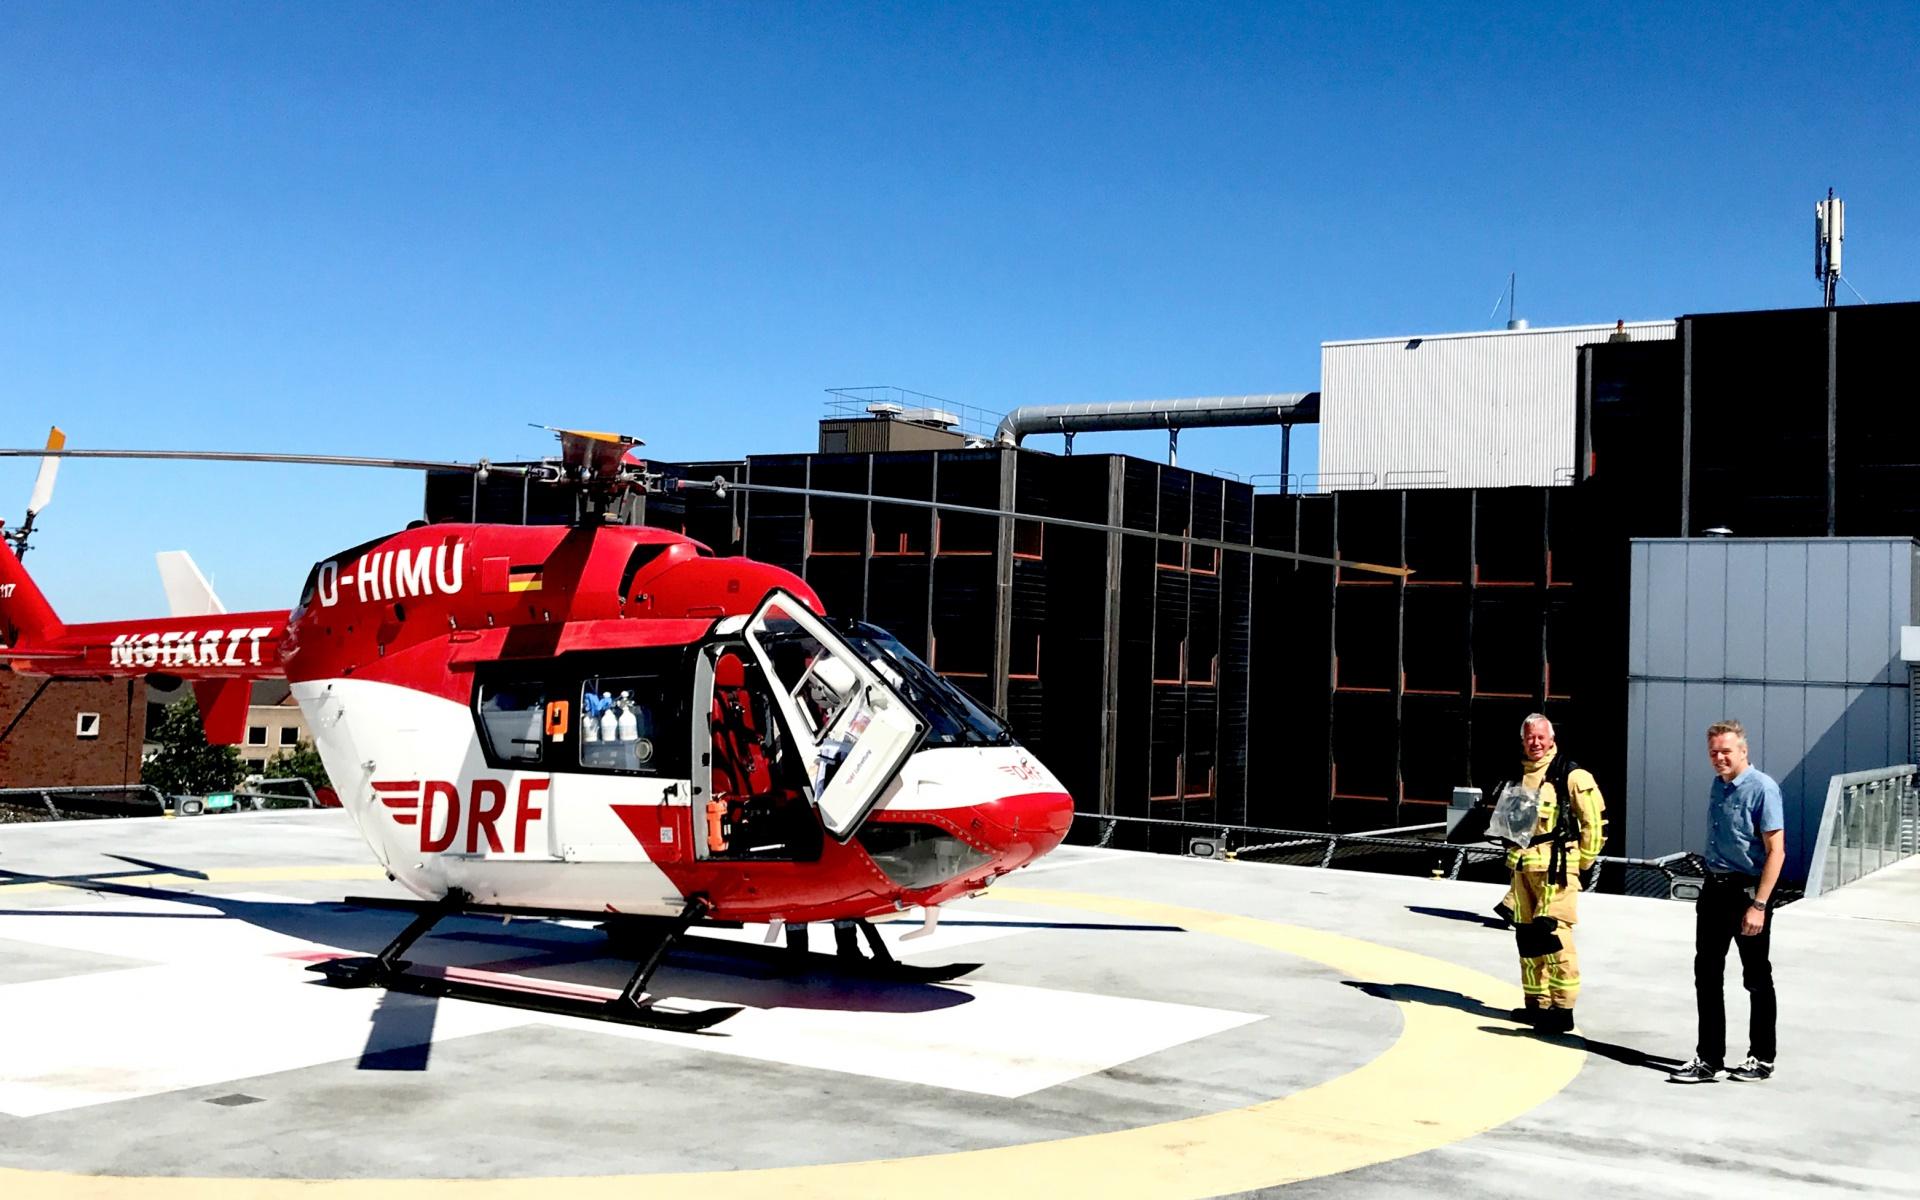 Alles war vorbereitet für den Transport des Schwerverletzten. So konnte das Team von Christoph Dortmund ihn schnell in den Hubschrauber übernehmen und Richtung Hamburg starten.